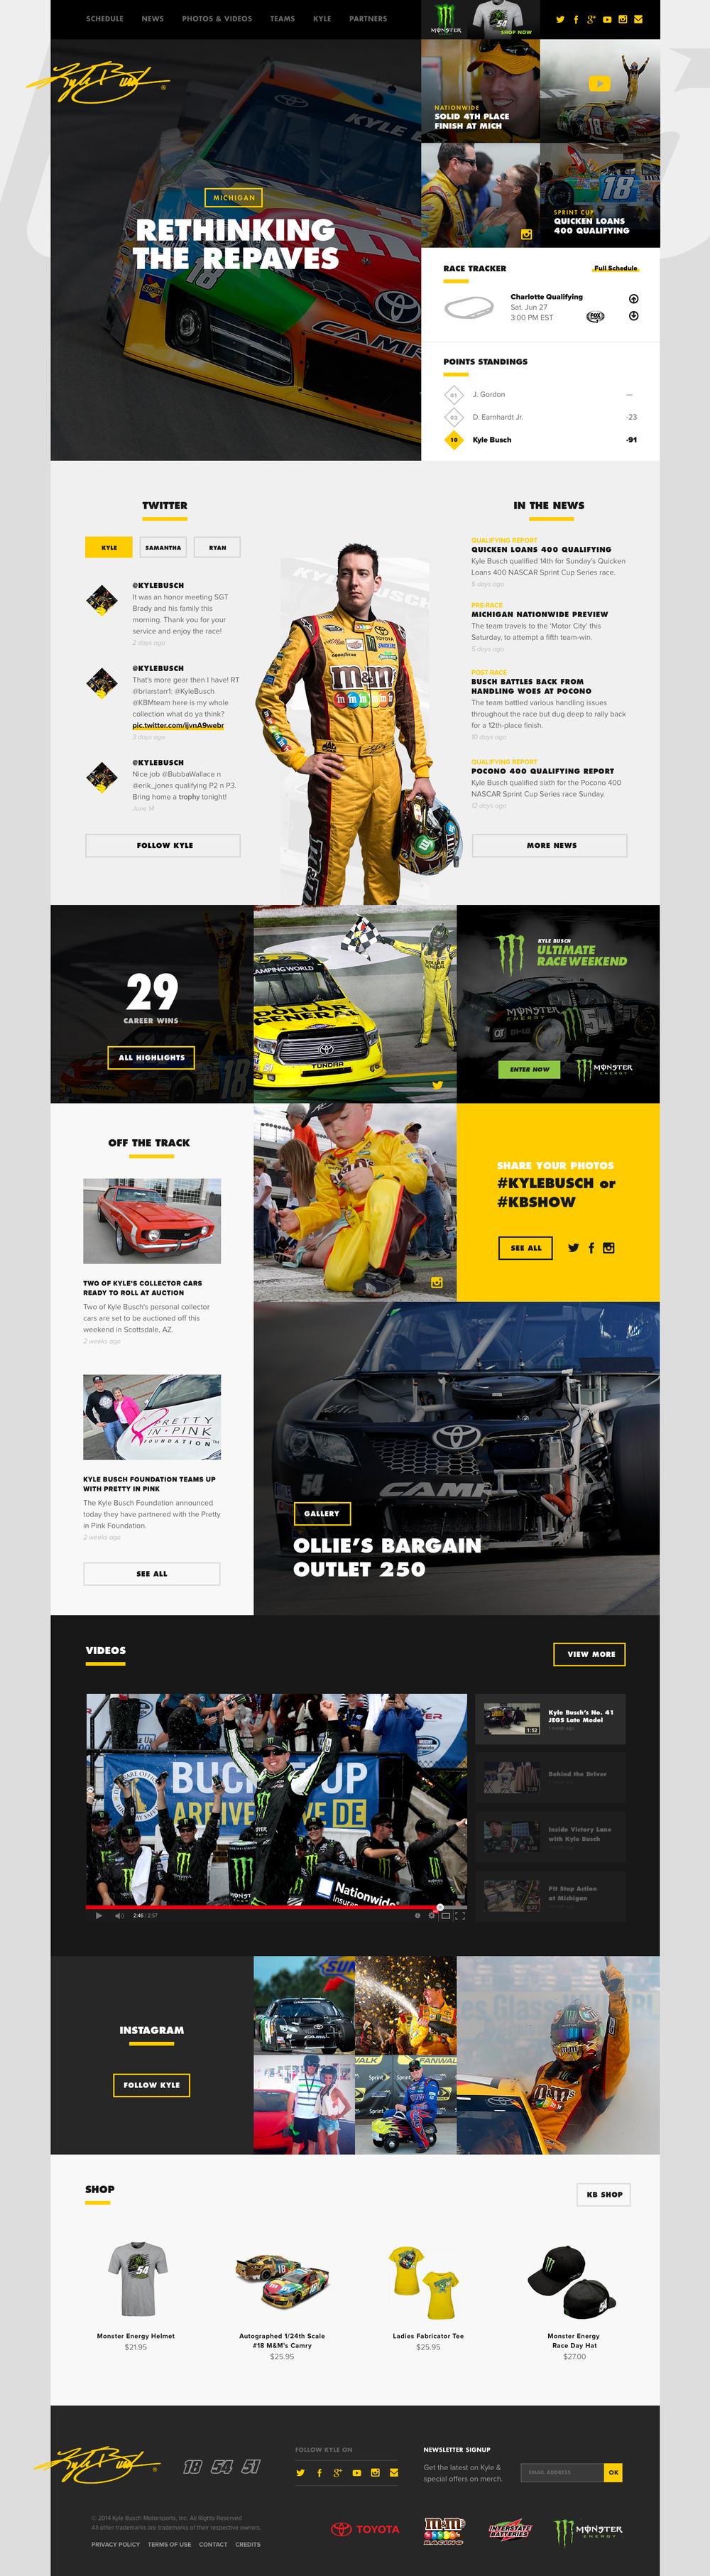 1.1-McColl-Homepage-Footer1.jpg